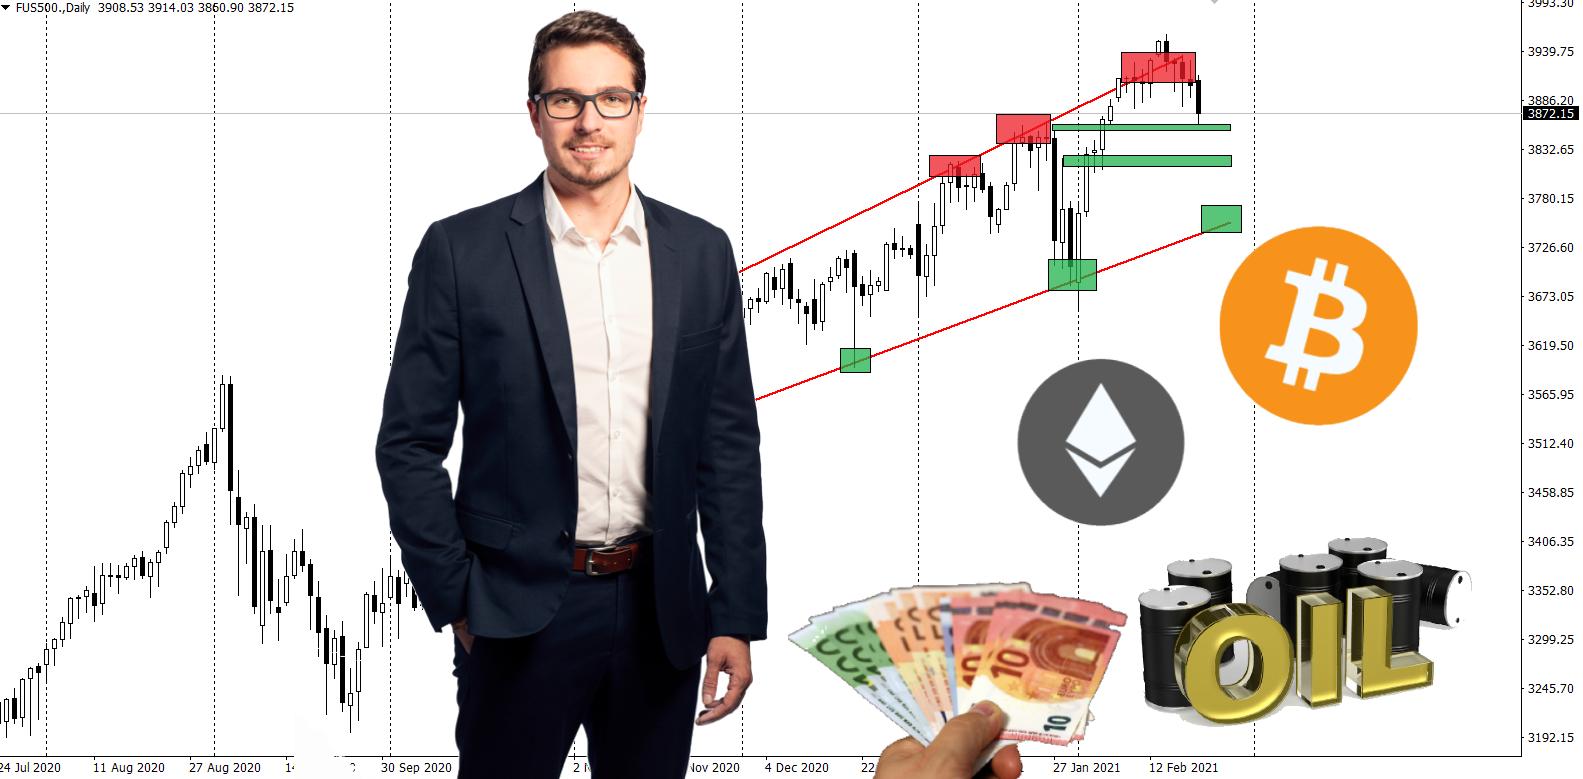 Analýza trhů 22. 2. 2021 Petr Plecháč